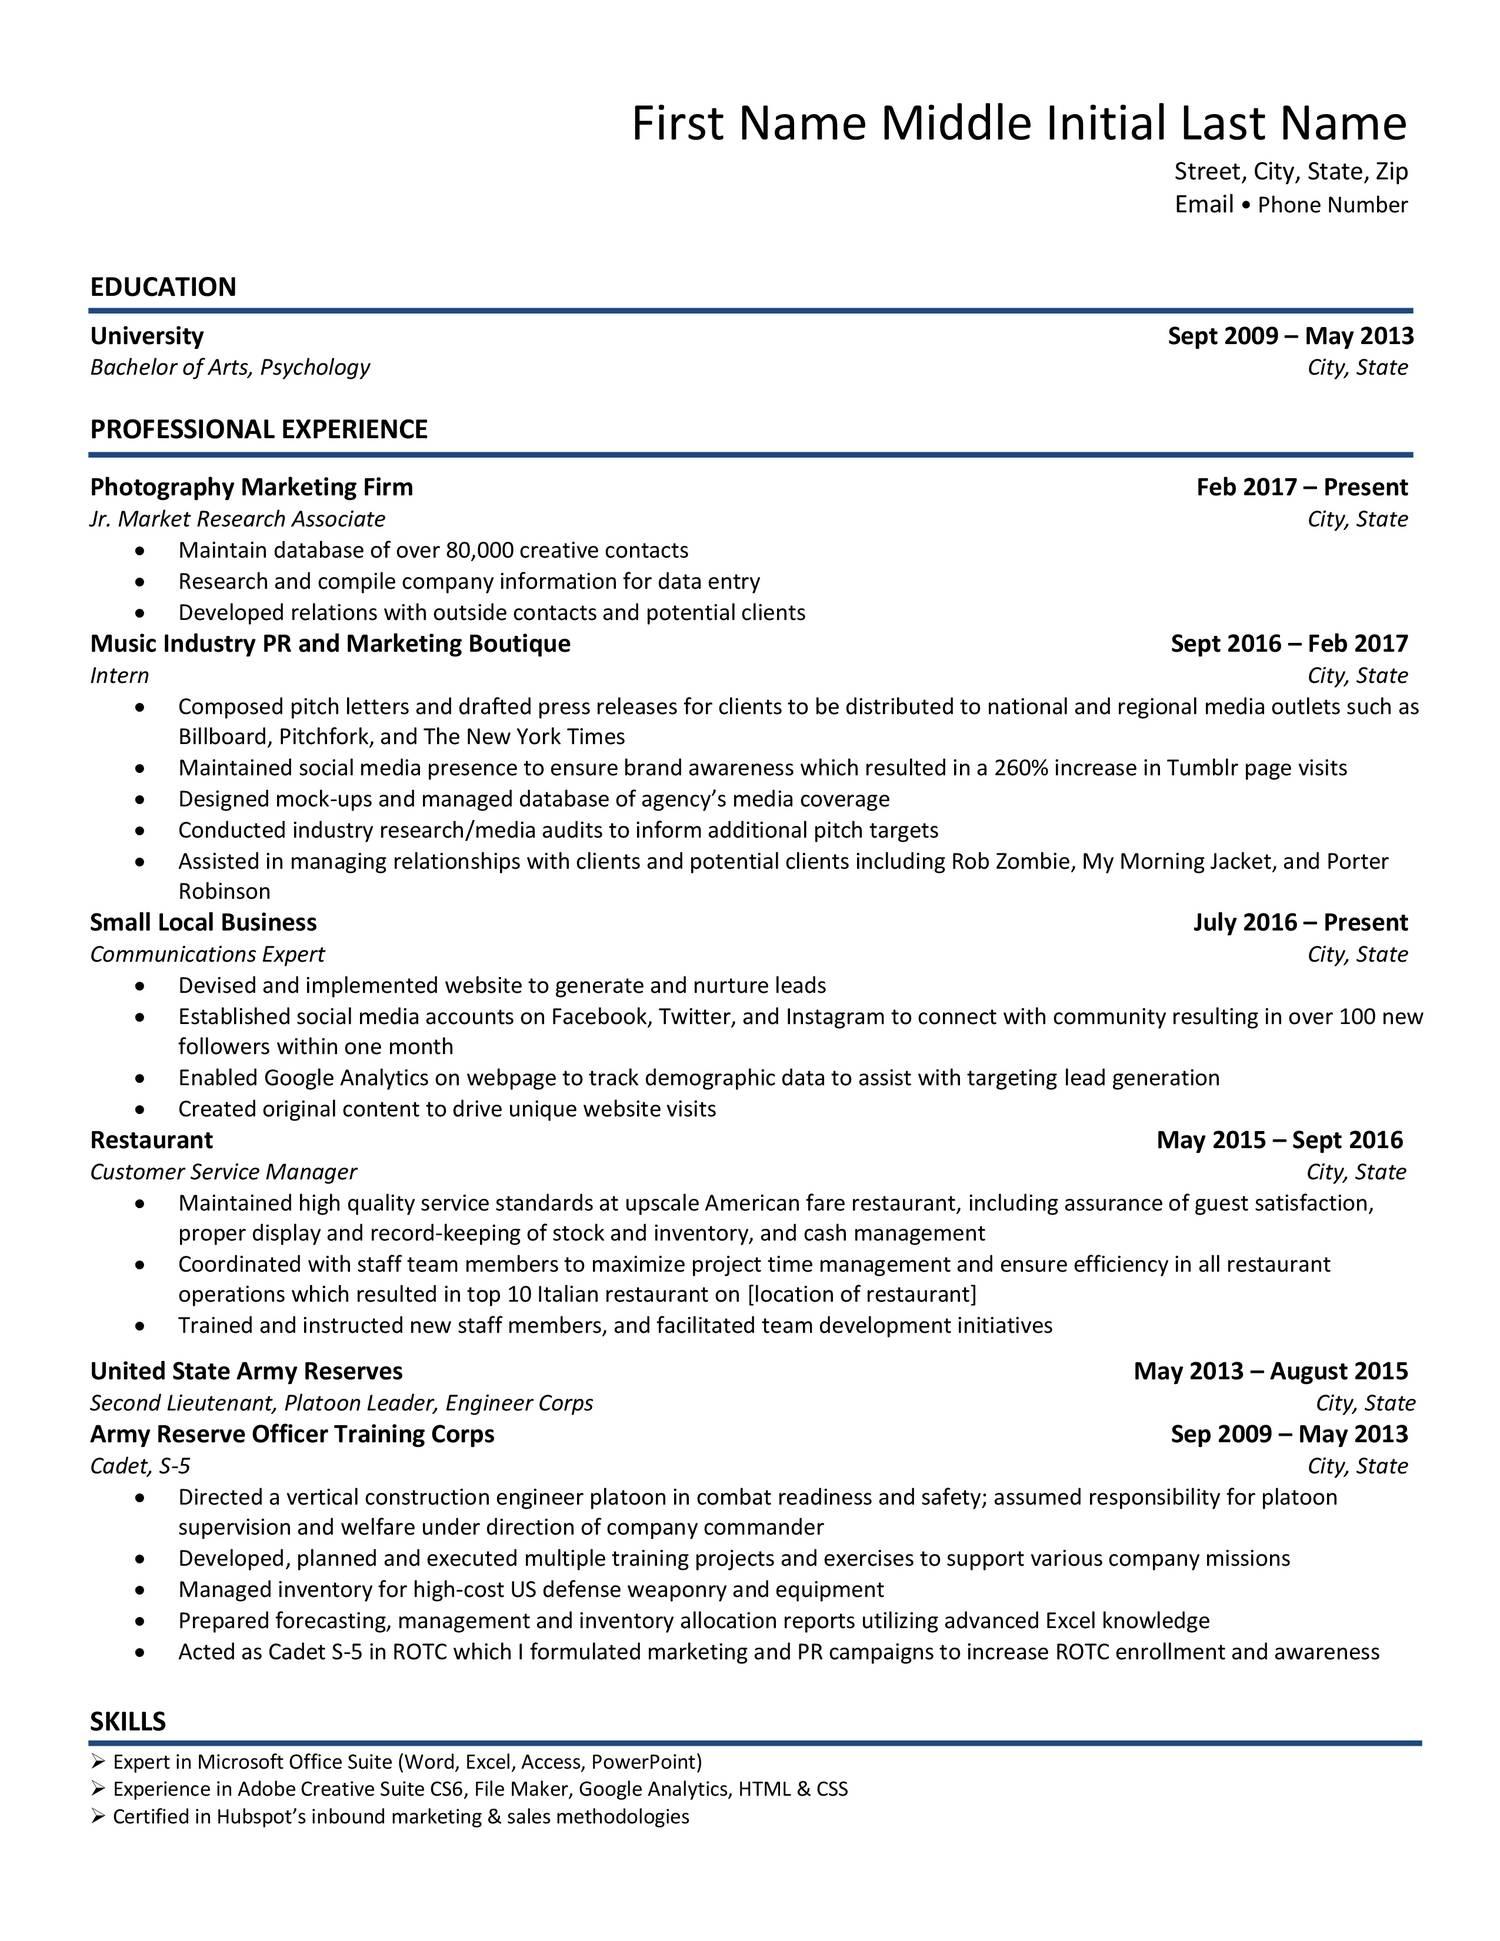 Resume Sample Pdf Docdroid